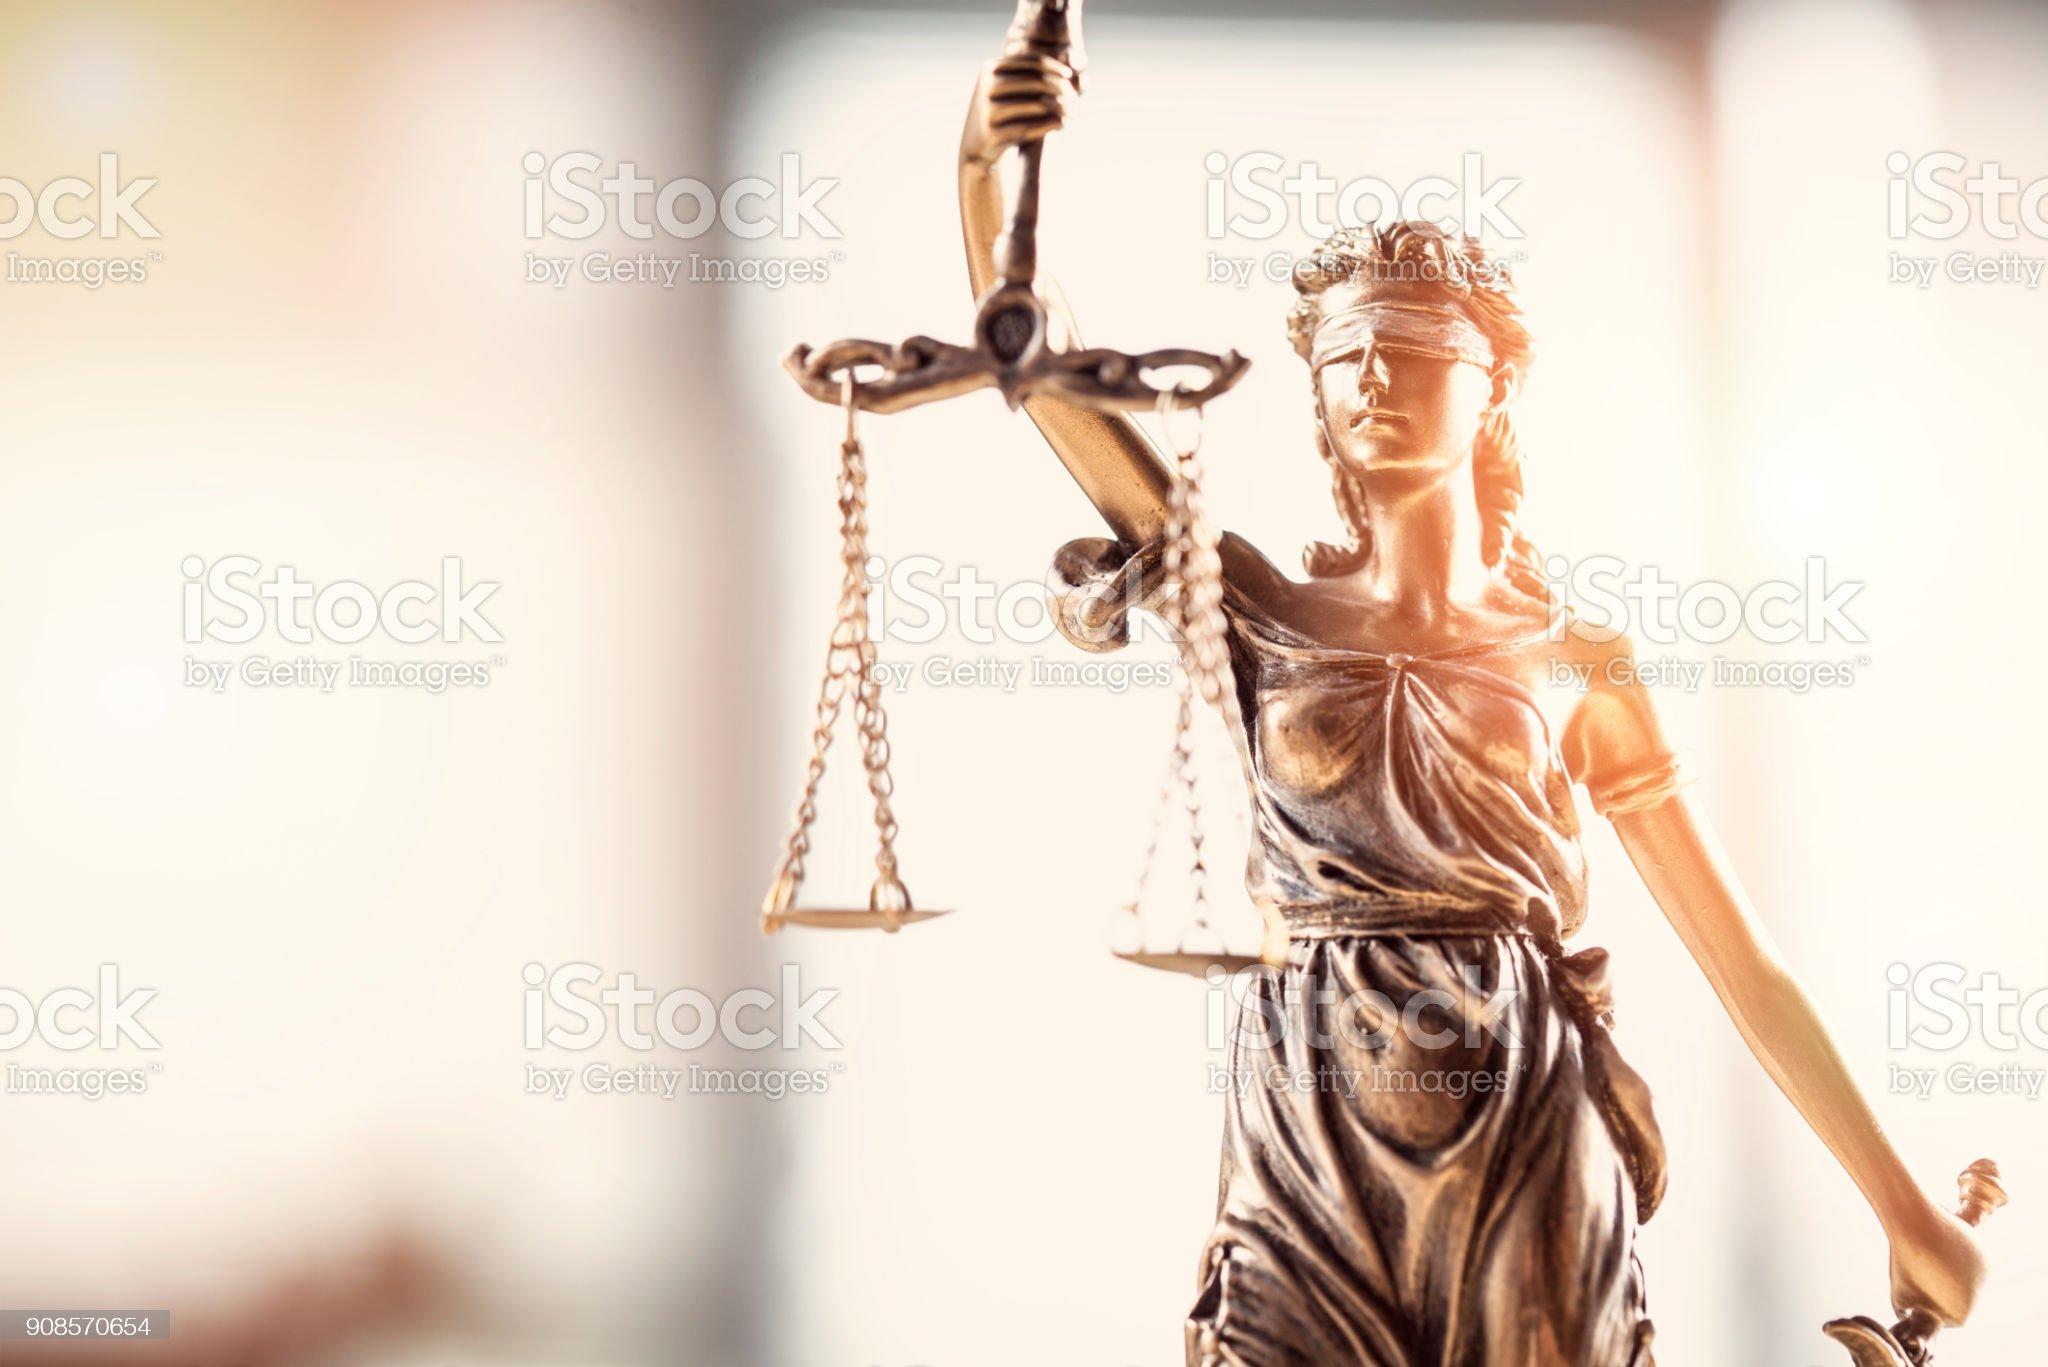 Justiça de olhos vendados dama segurando a balança e espada estátua foto de stock royalty-free